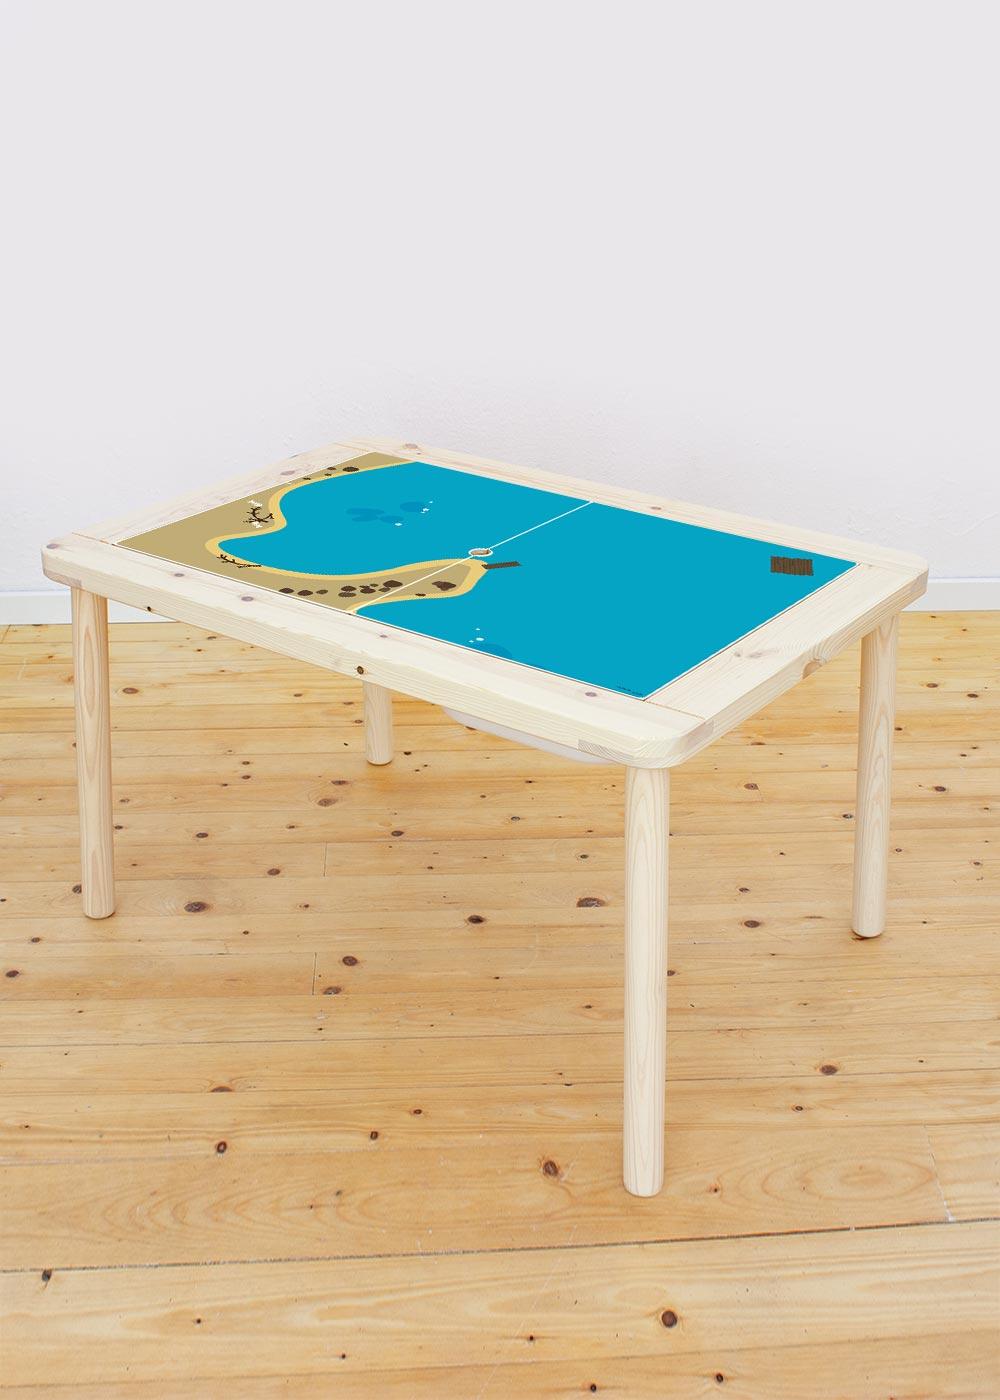 Ikea Flisat Kindertisch Wasserreich Tischplatte